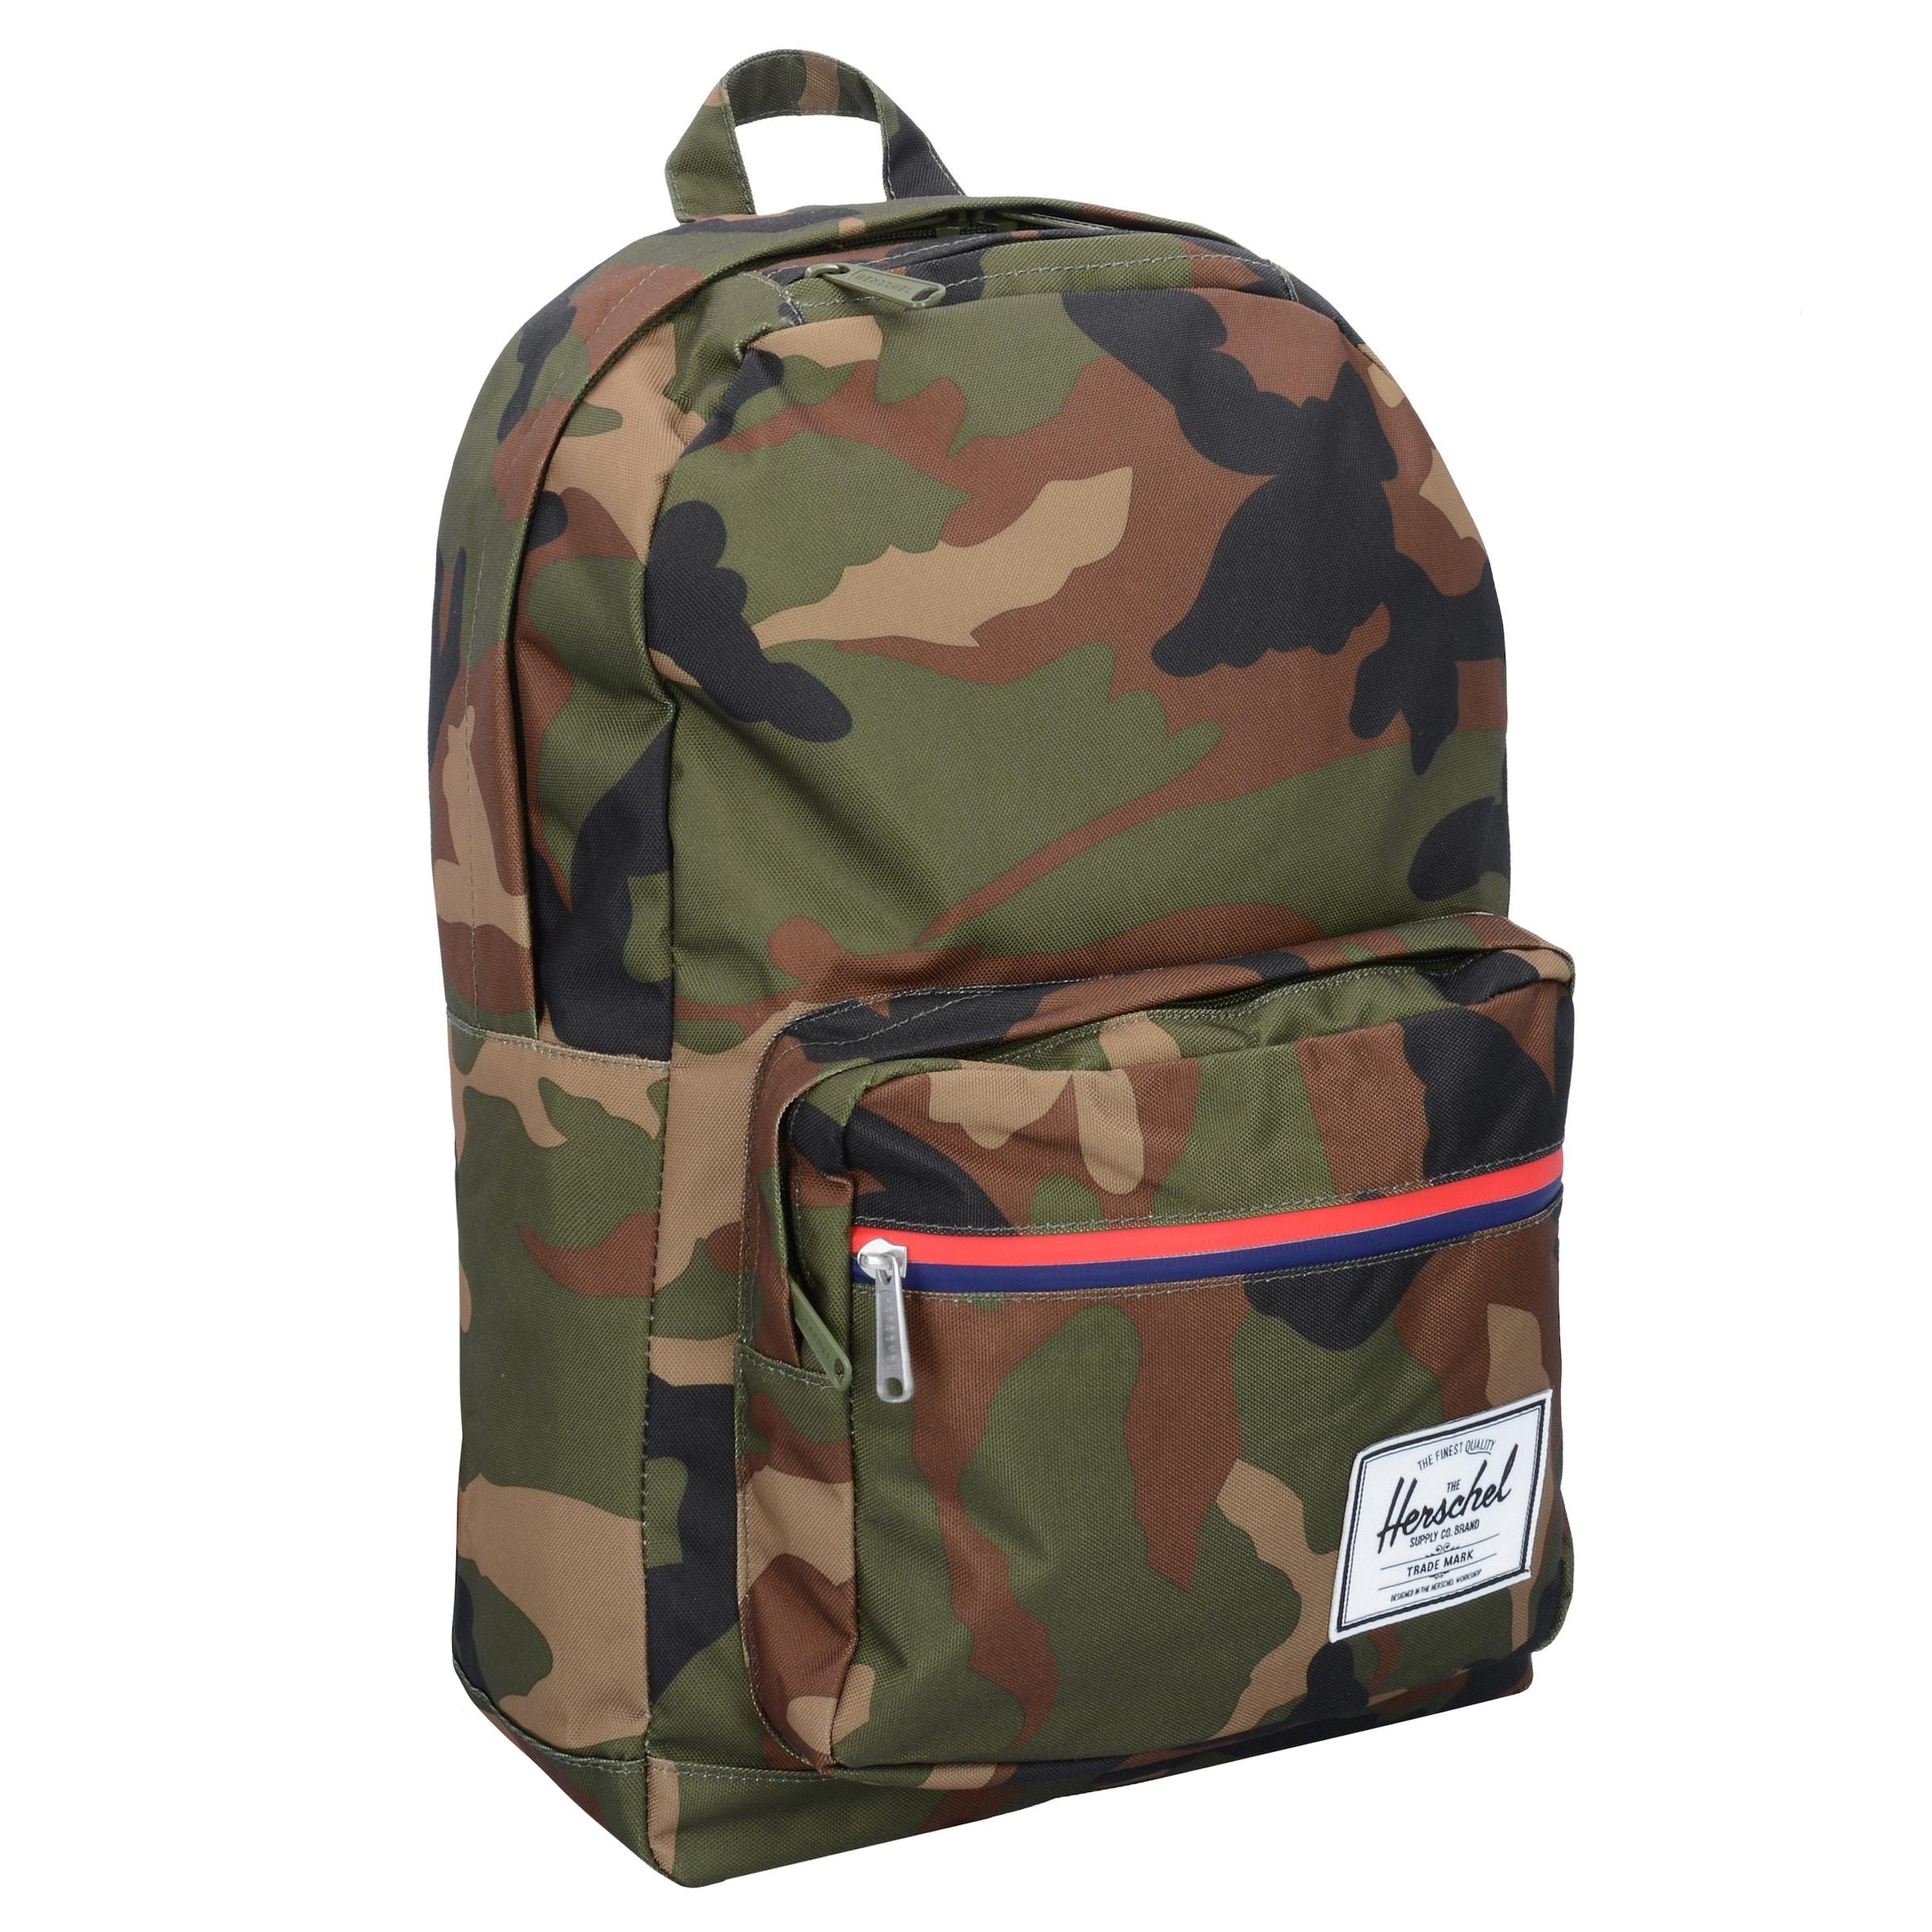 Grenze Angebot Billig Herschel Rucksack mit Laptopfach 'Pop Quiz 17 I Backpack' Rabatt Billigsten Rabatt Große Überraschung xJPBTQQ